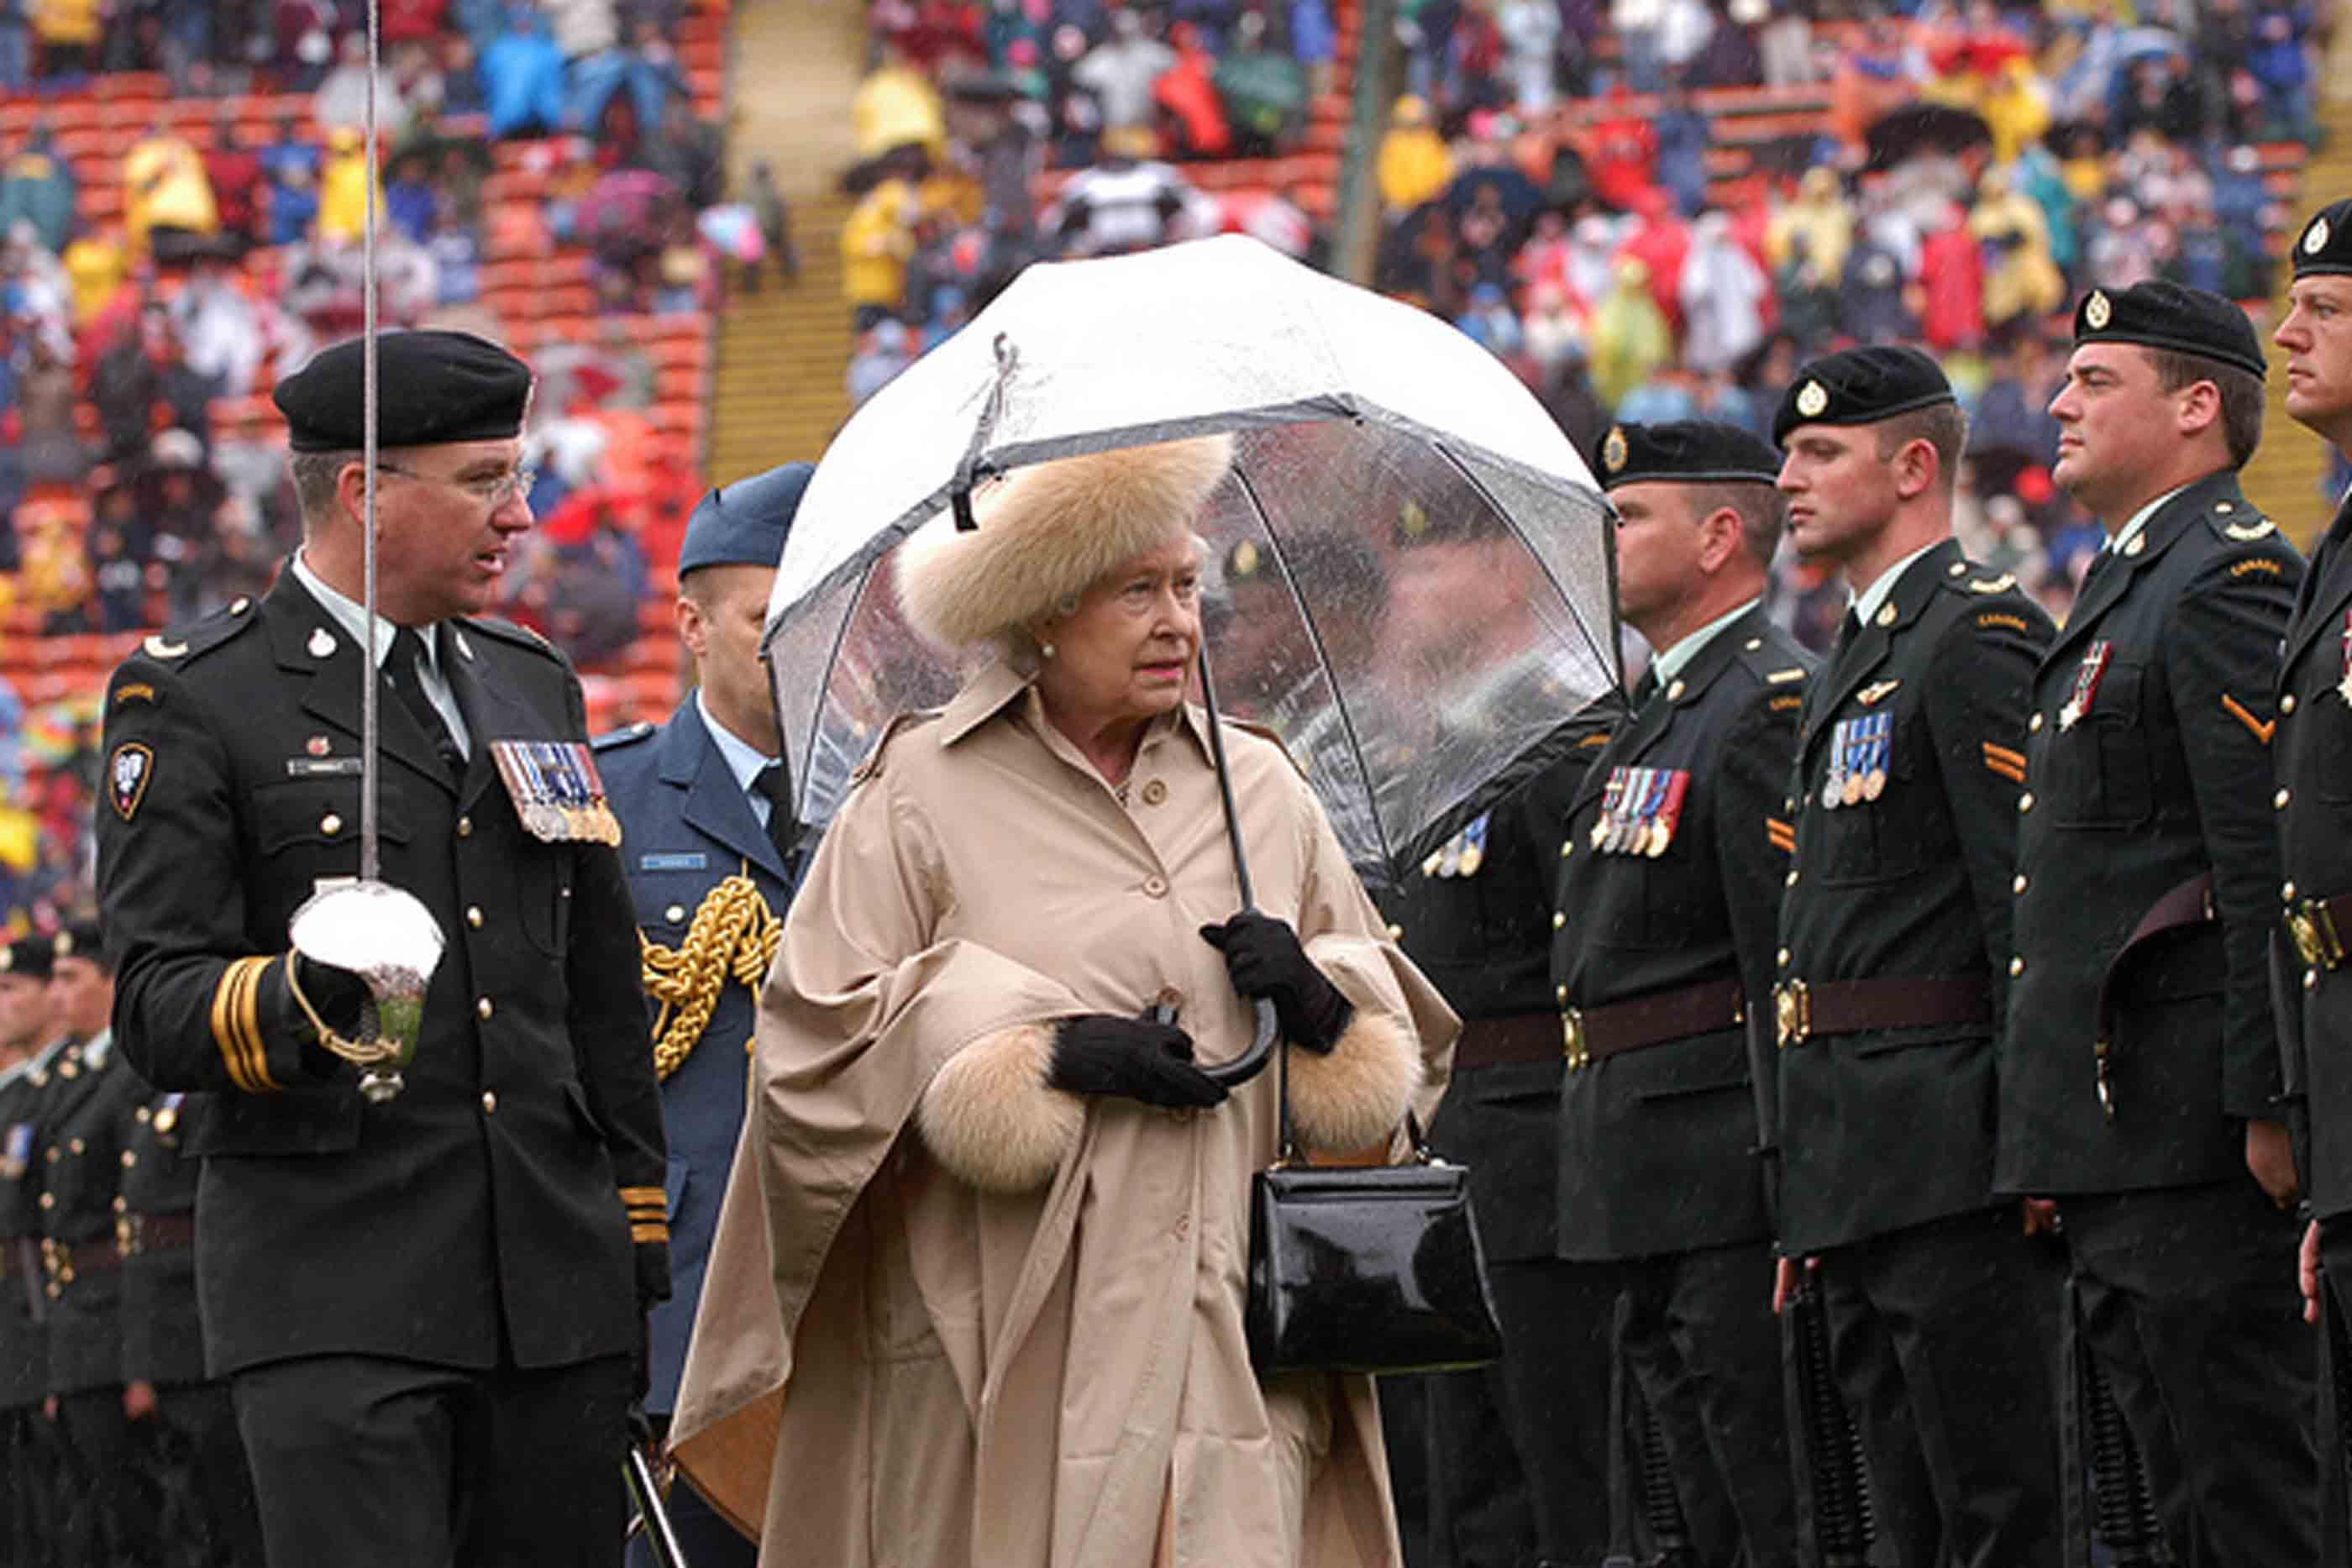 Rainha Isabel num dia chuvoso, de chapéu de chuva aberto, a cumprimentar os militares em formatura.